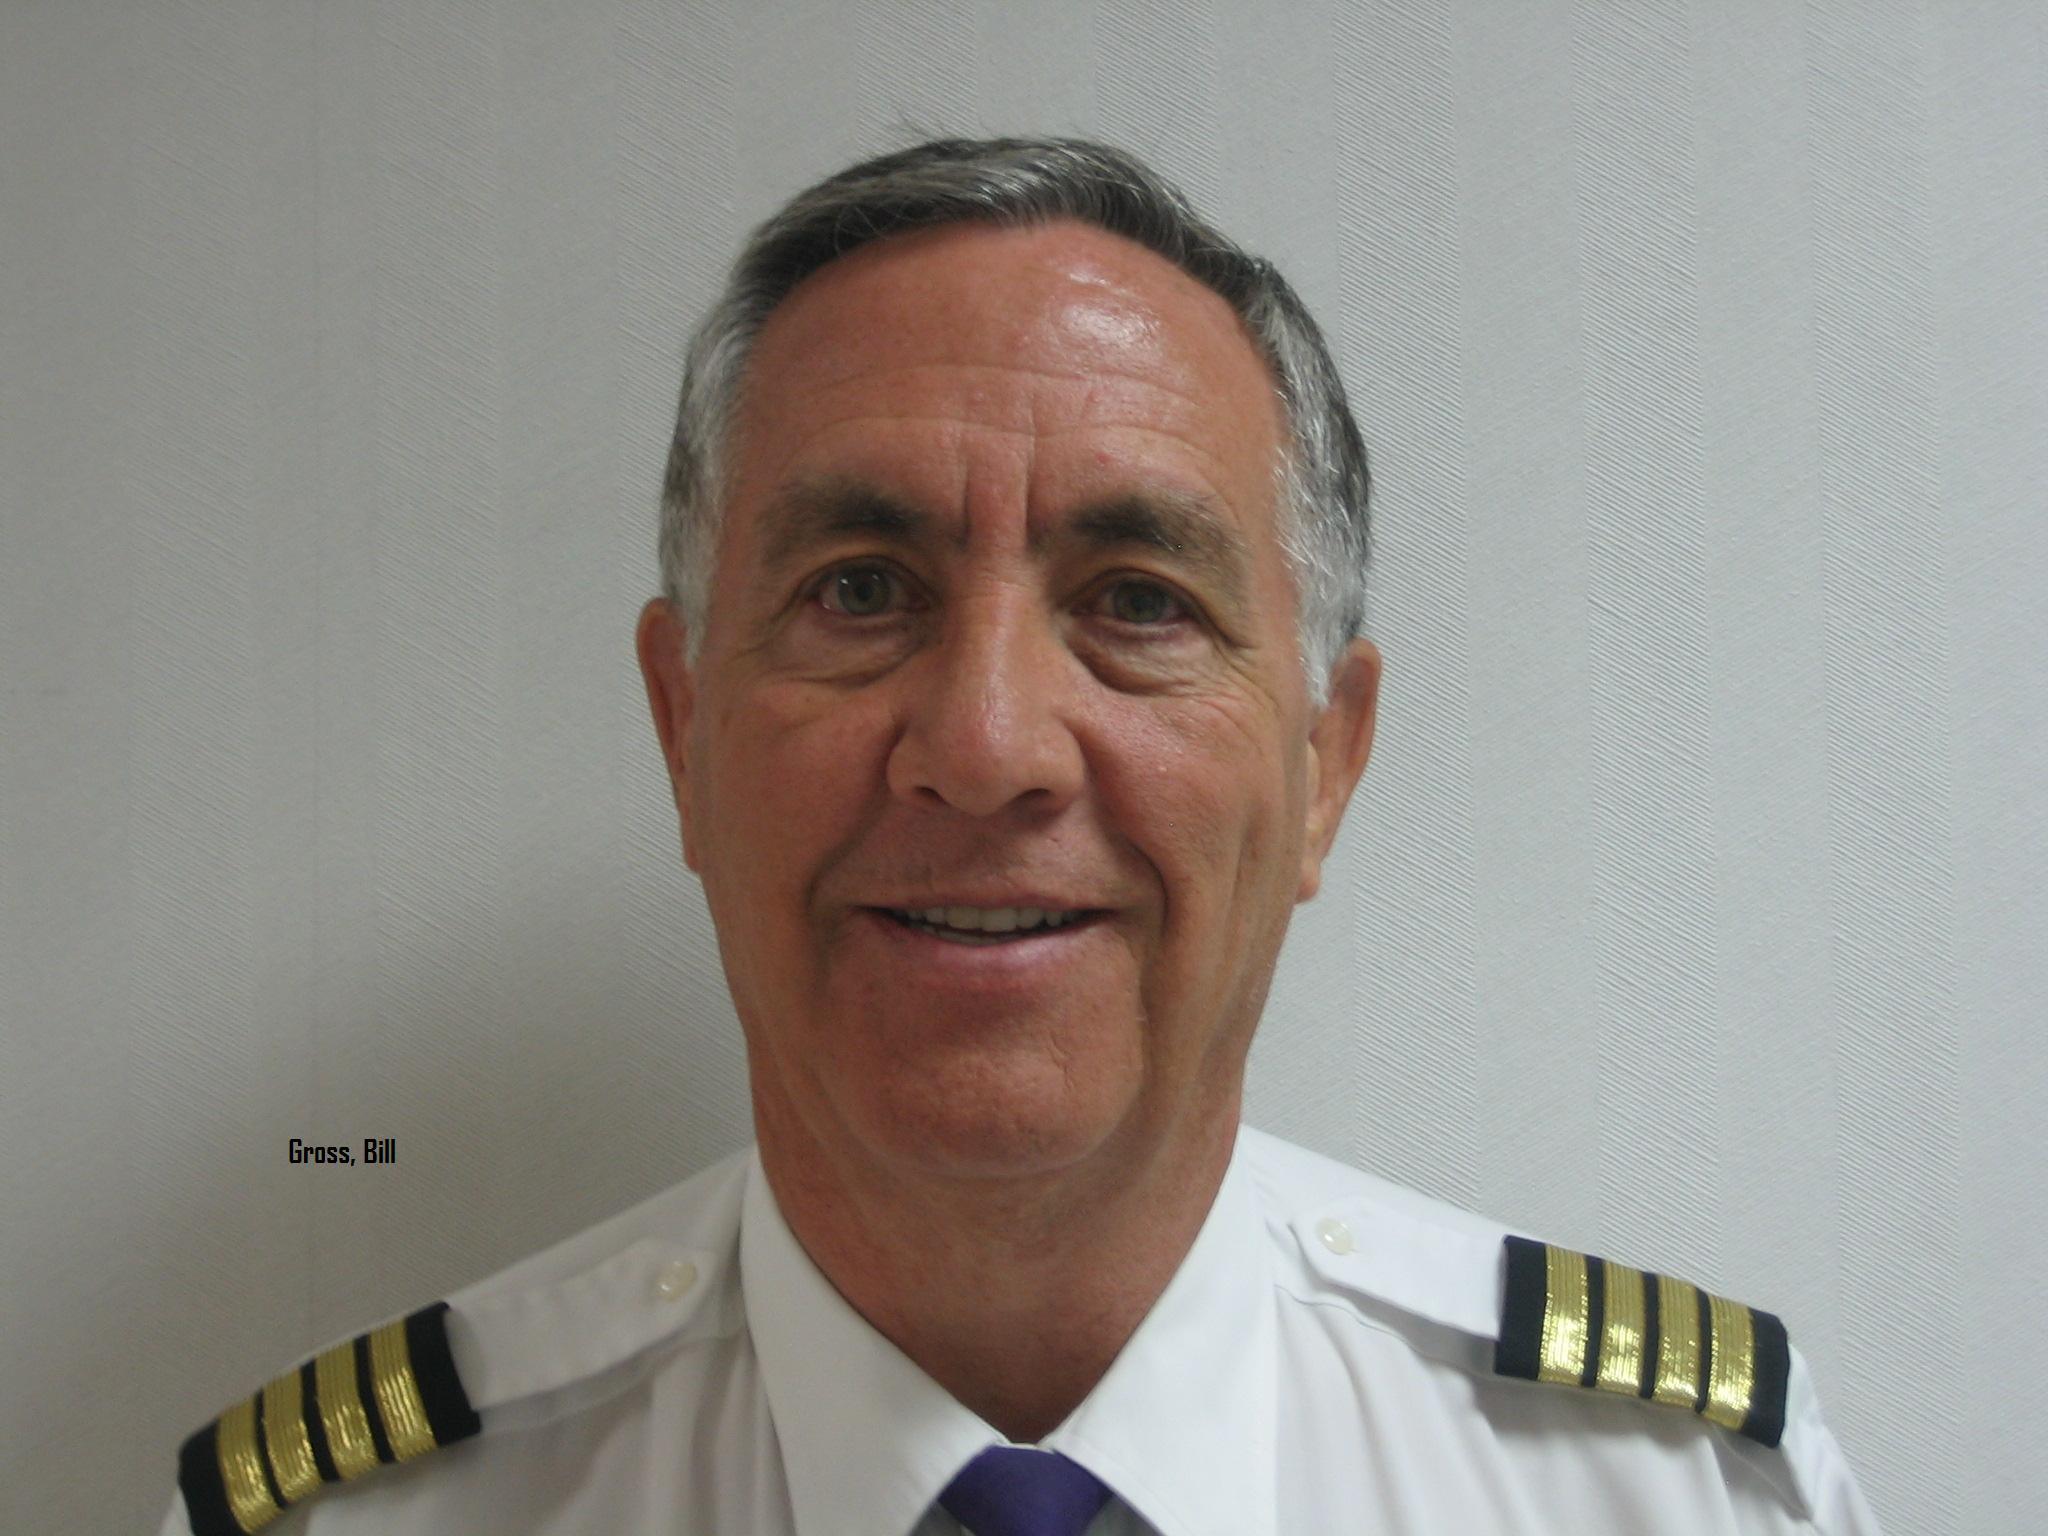 William R. Gross